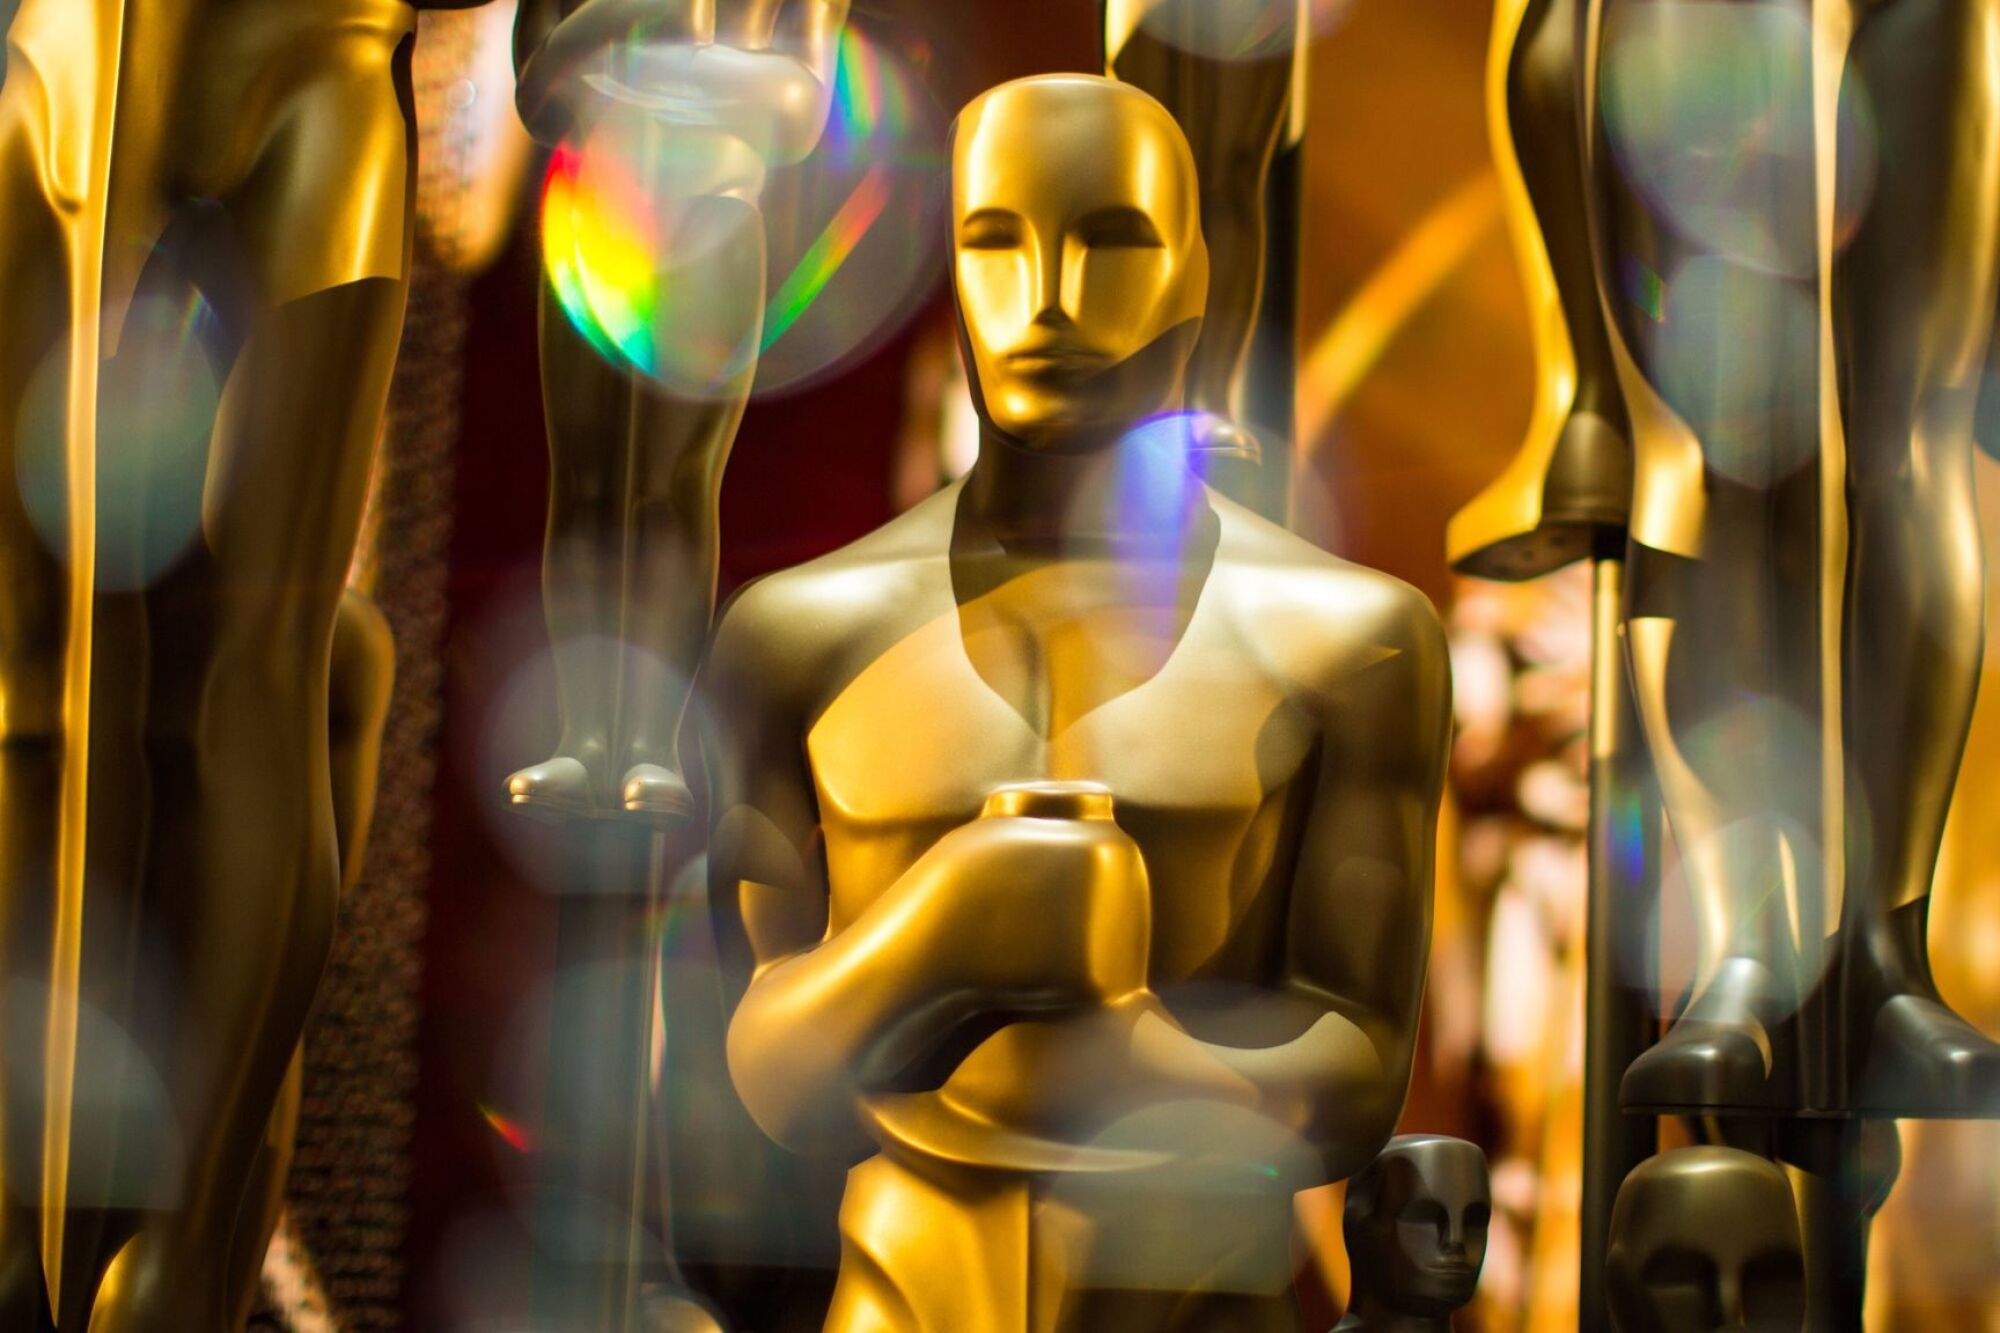 Estatuillas de los Oscar tras bastidores en la 88ª edición de los Premios de la Academia en 2016.